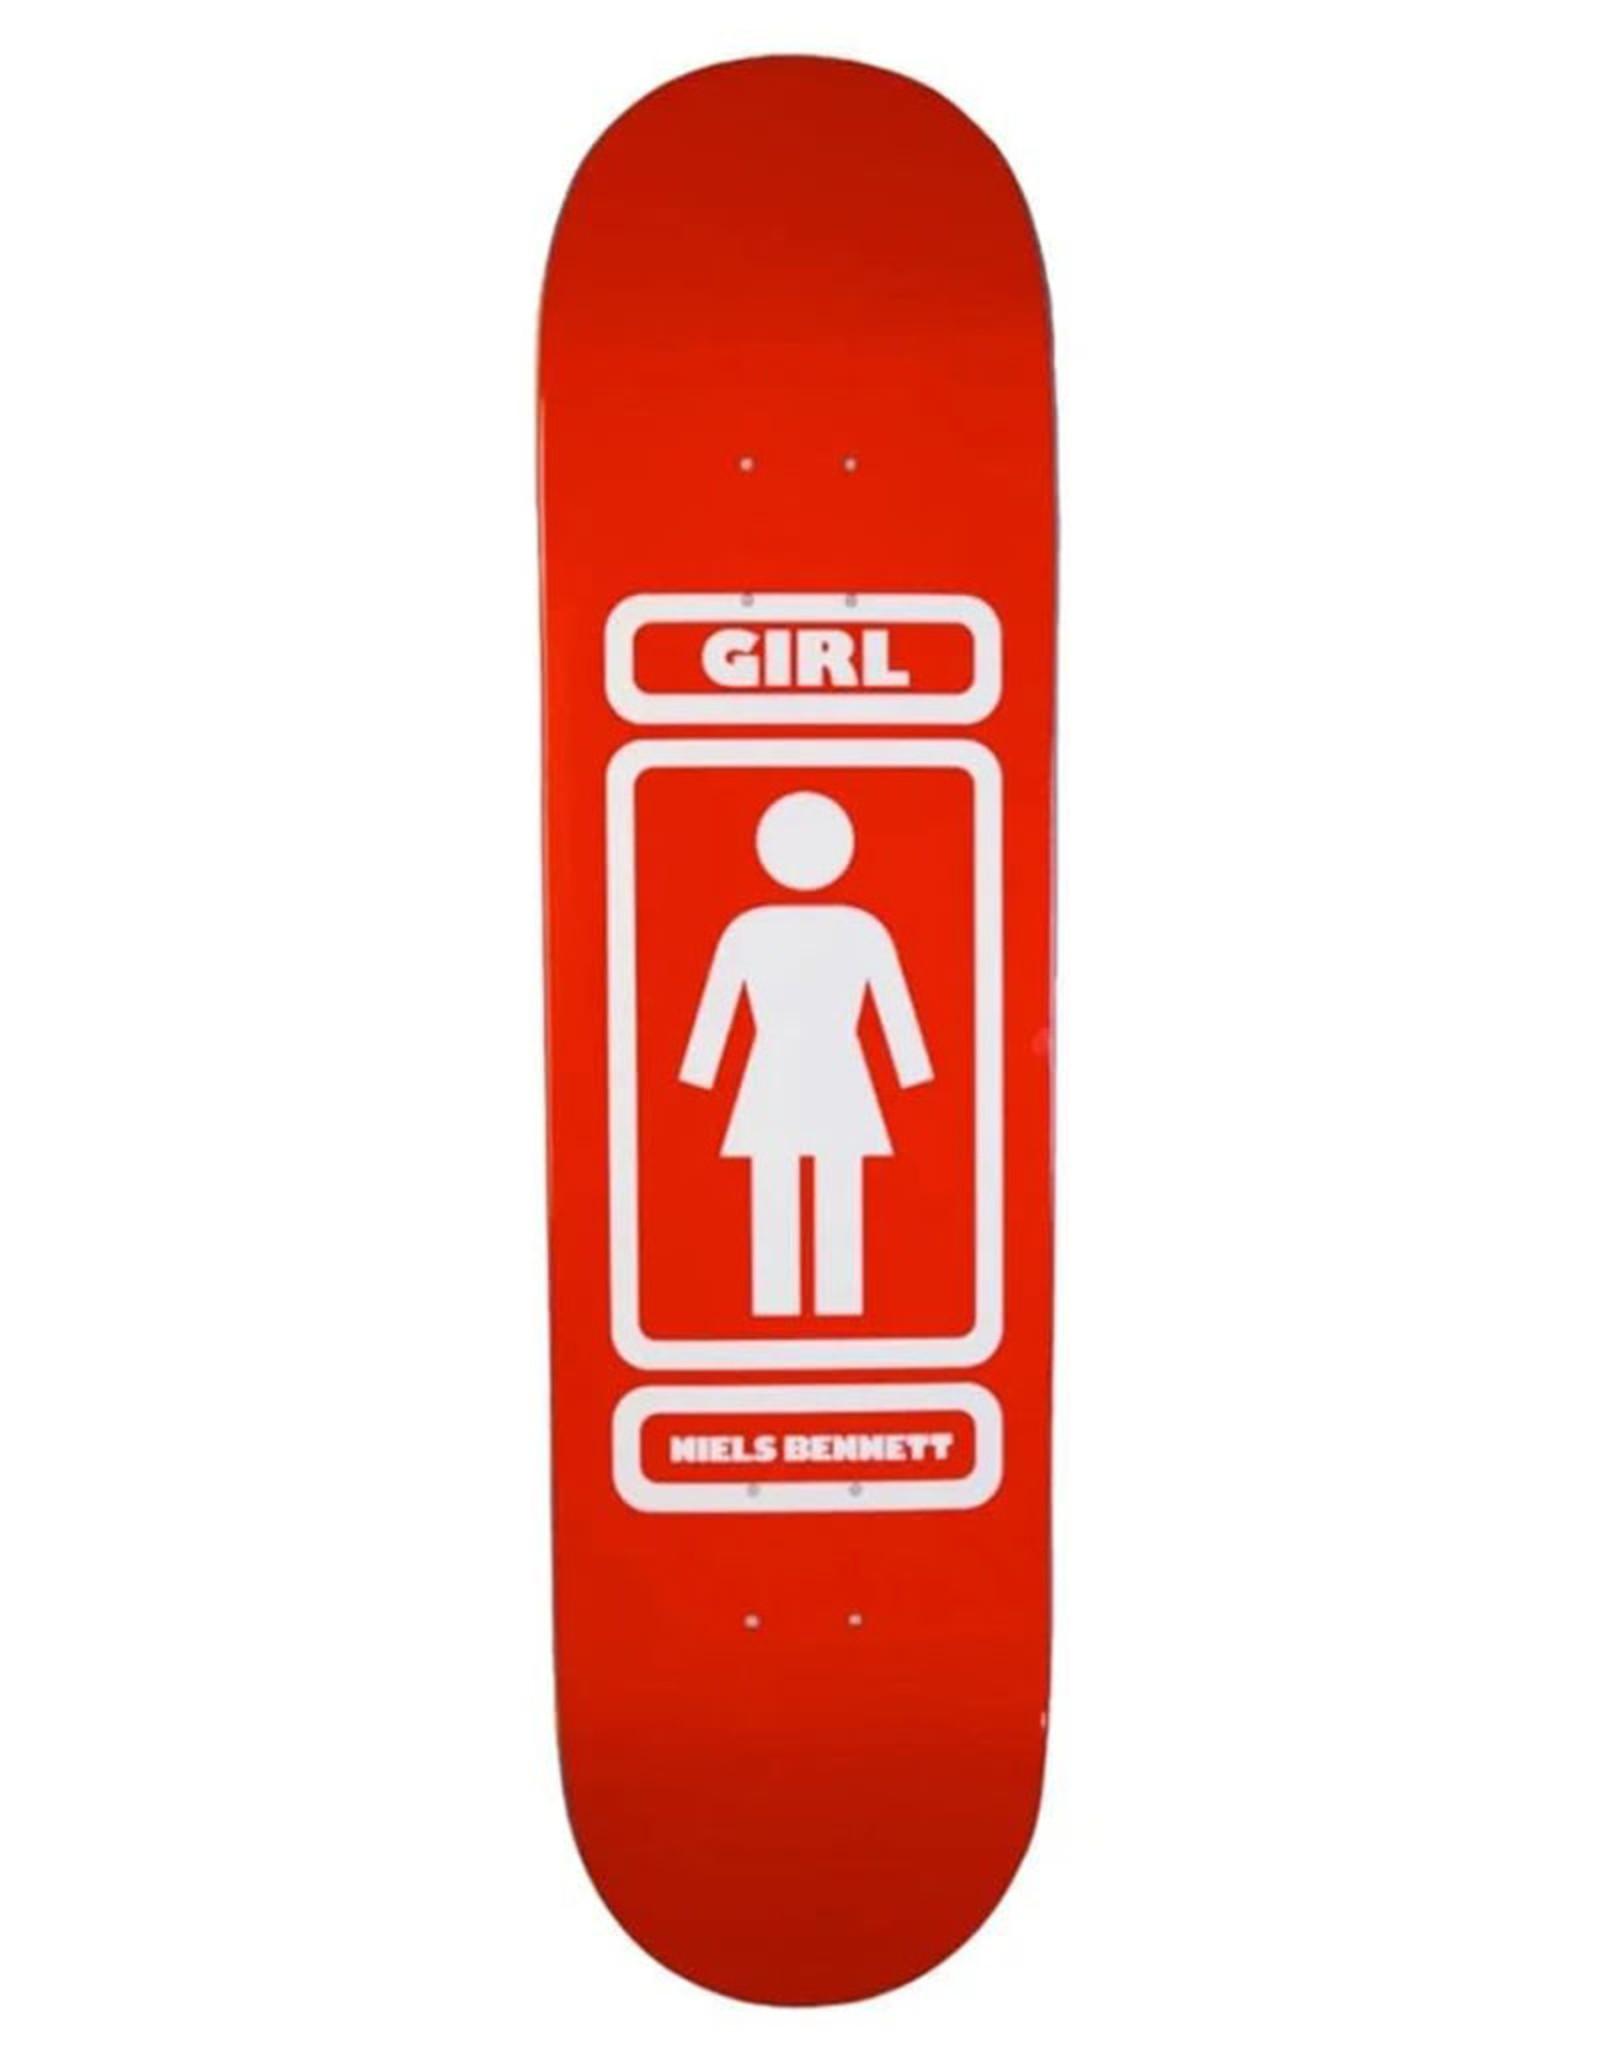 Girl Girl Deck Neils Bennett 93 Till (8.12)